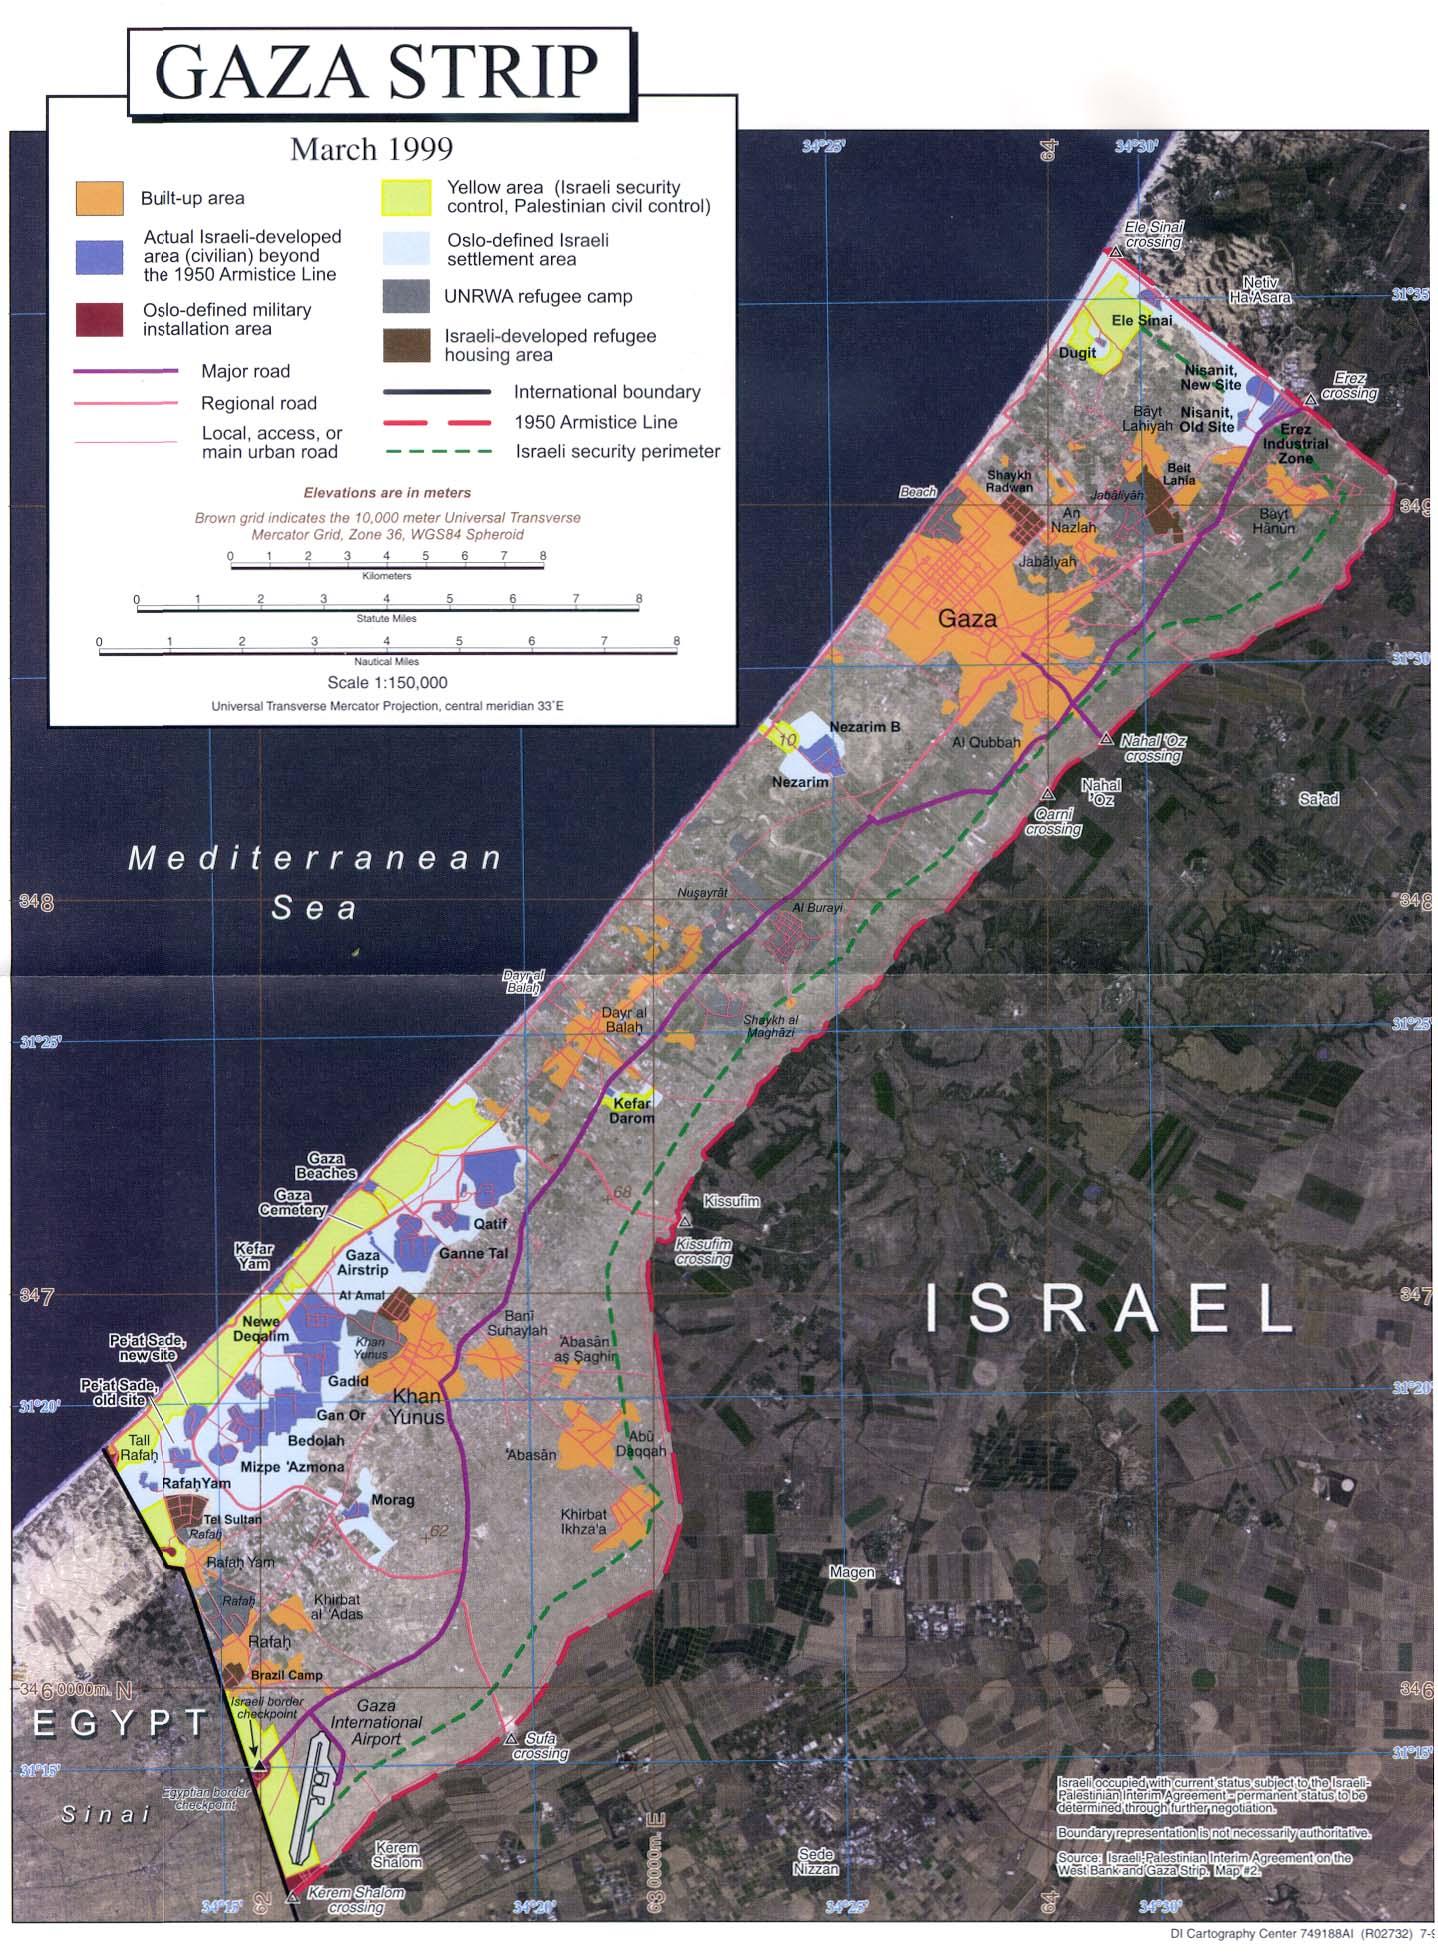 Palestine - Gaza (1999)